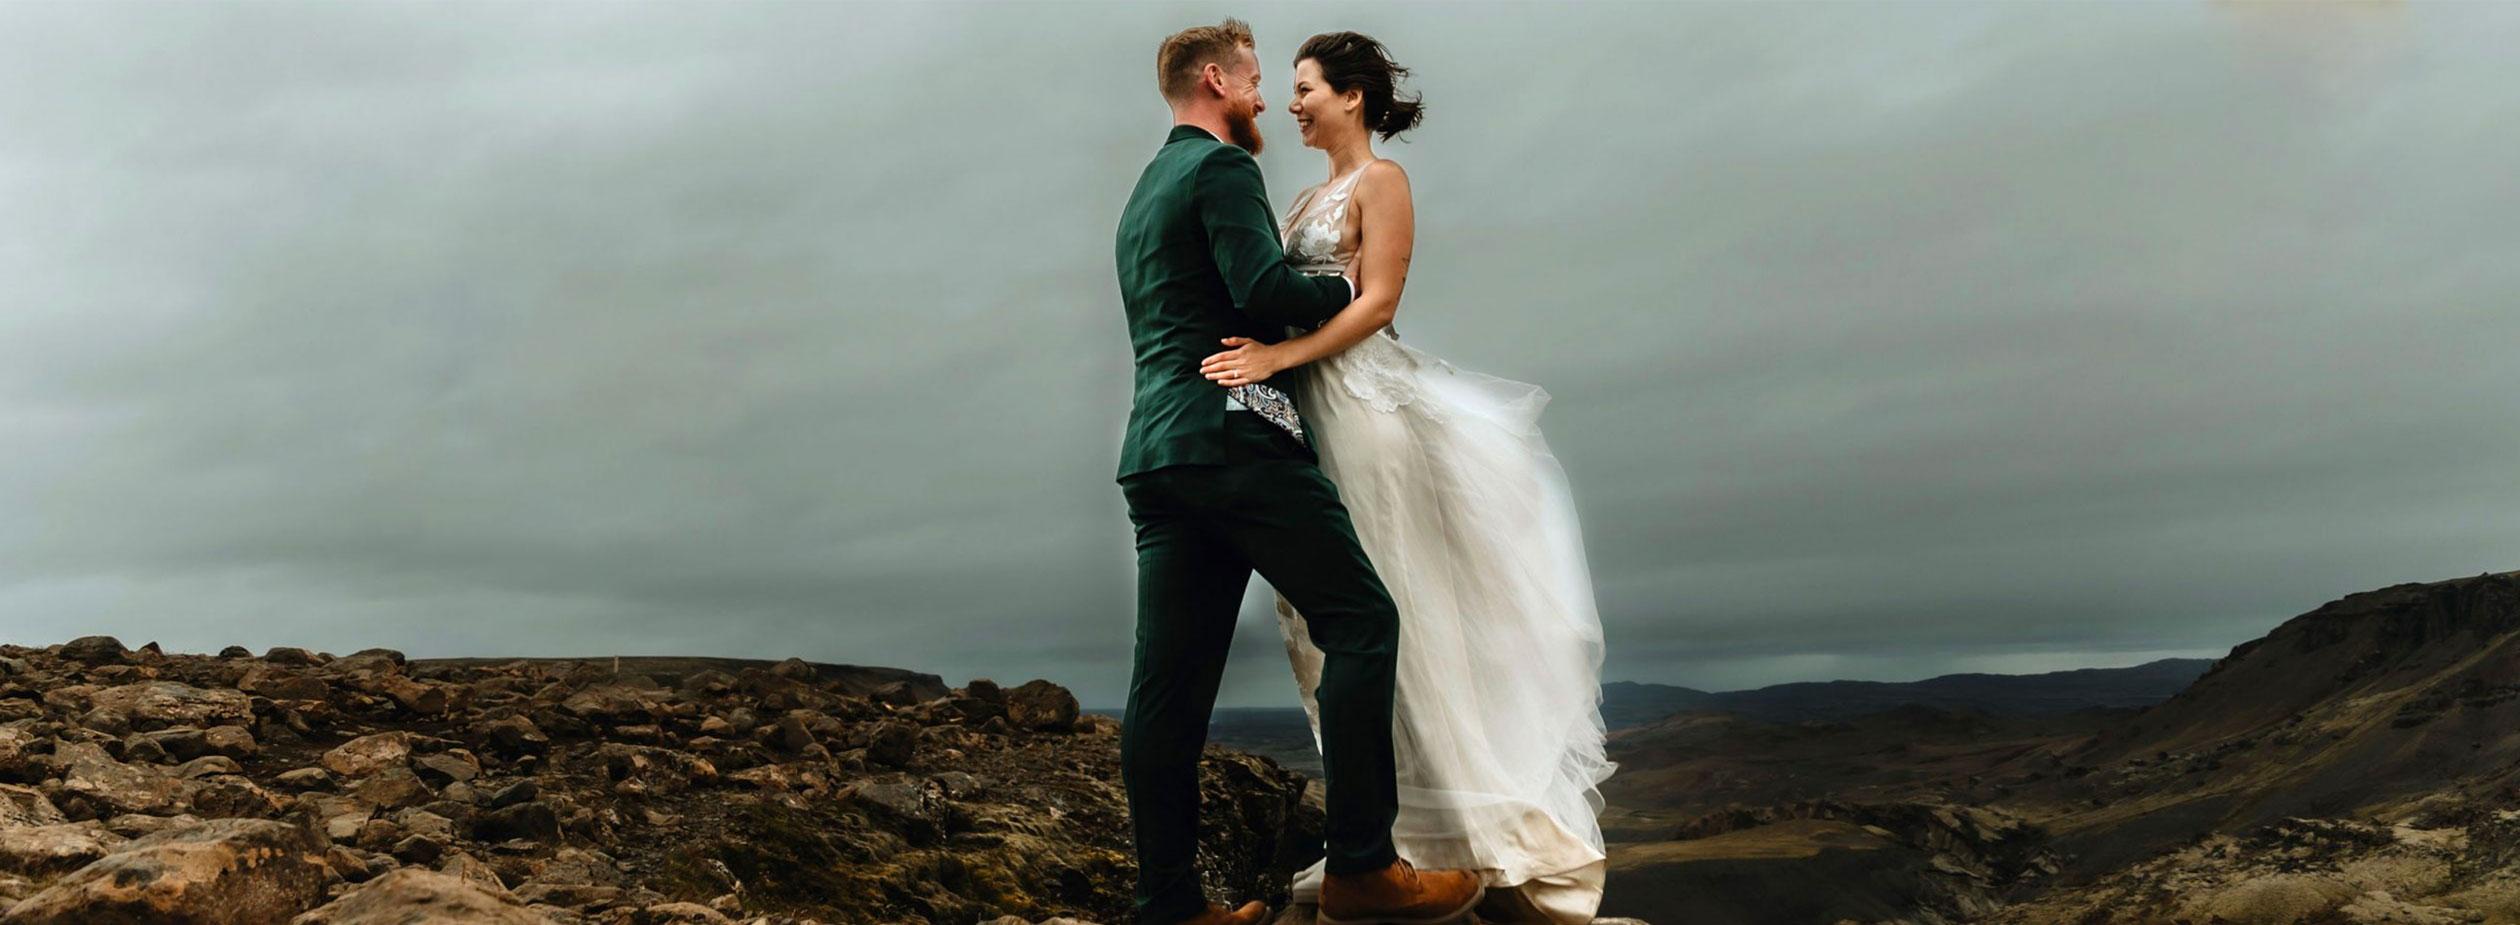 Achtergrond afbeelding met een man in pak en een vrouw in een trouwjurk op een rots.